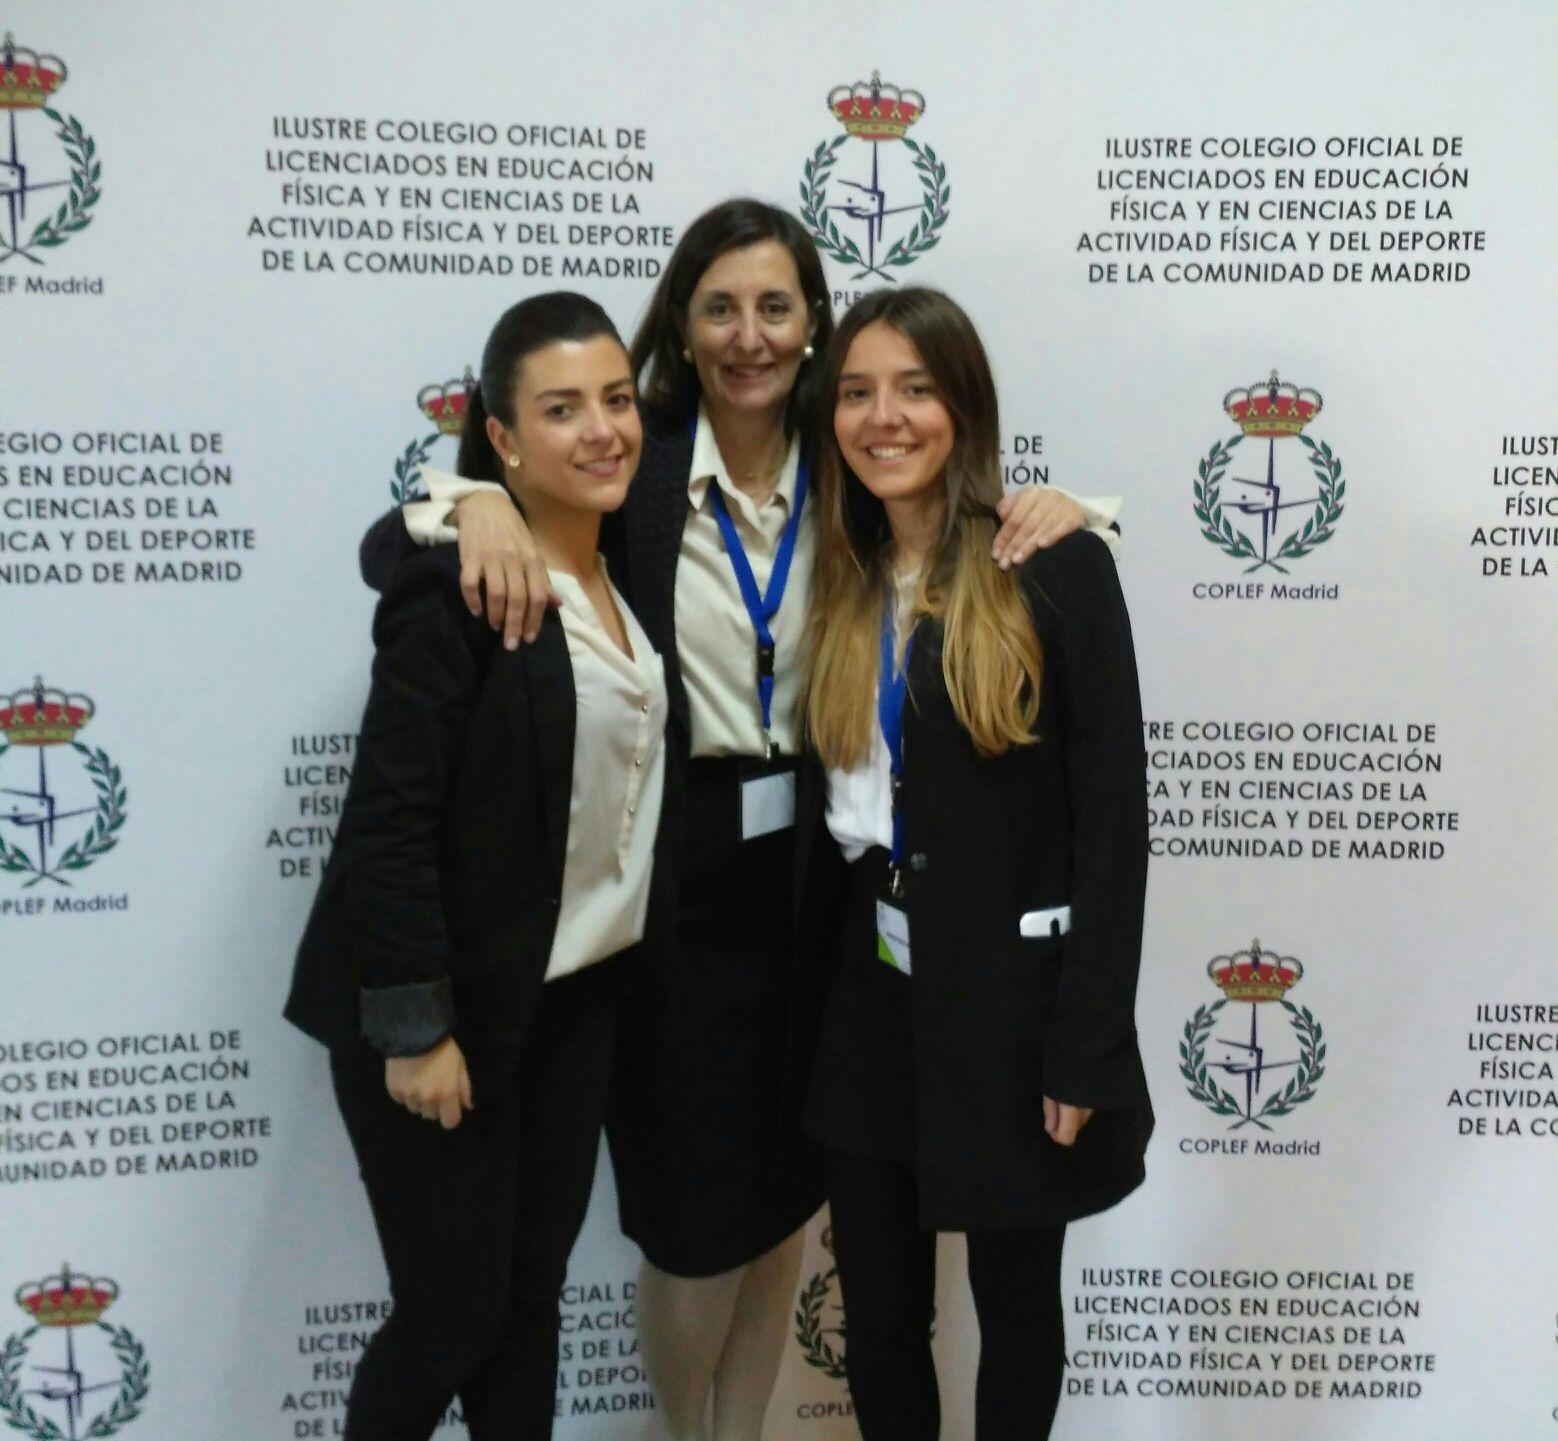 Ana Fernández ( representante de la EIP ), Mercedes Lobón ( socia de la AEP ) y Teresa Balmaseda ( representante de la UCJC )